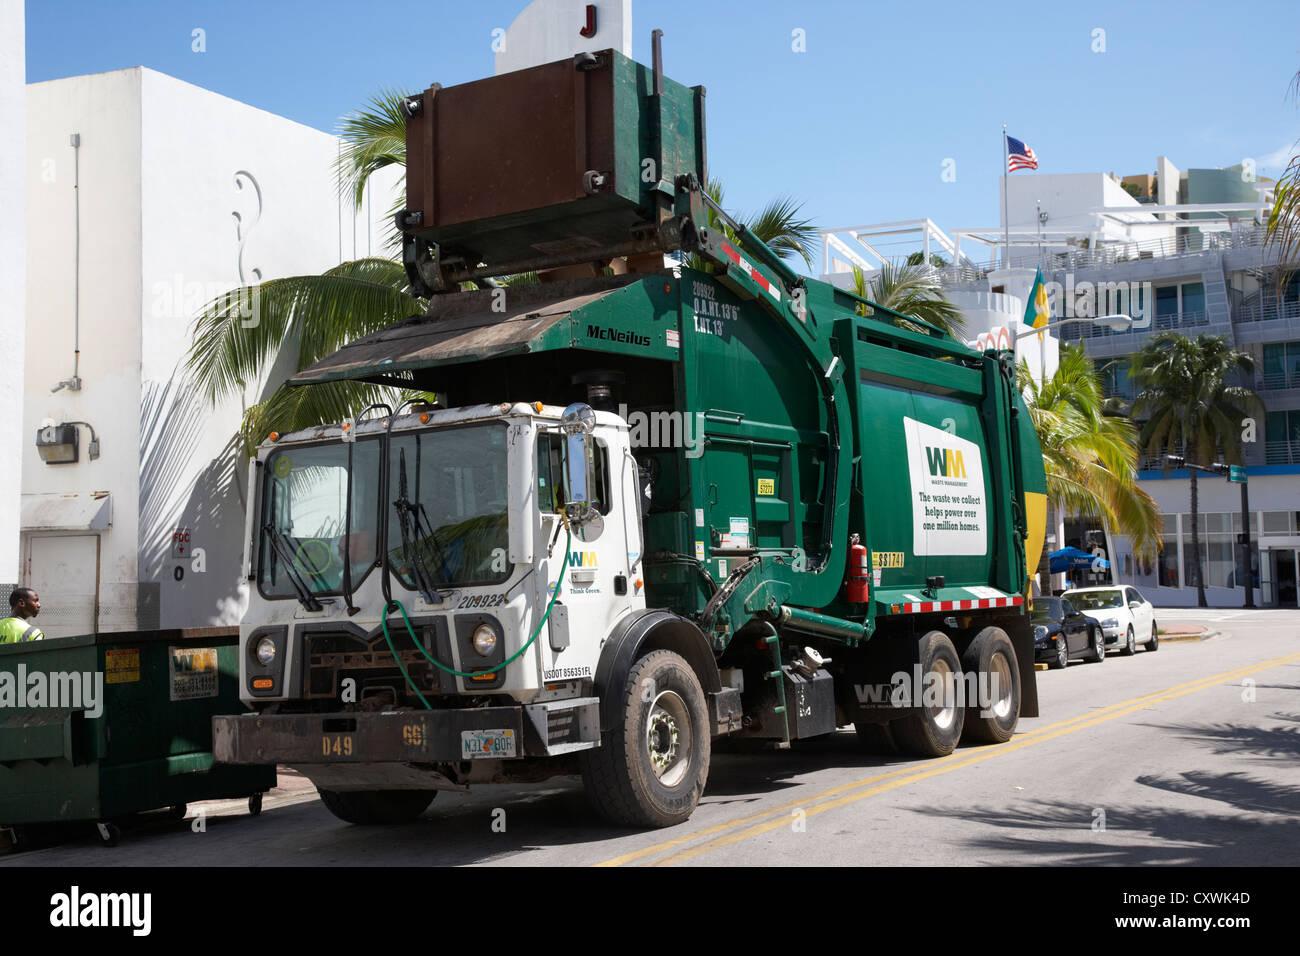 Refuser la collecte de camion poubelle à Miami South beach floride usa Photo Stock